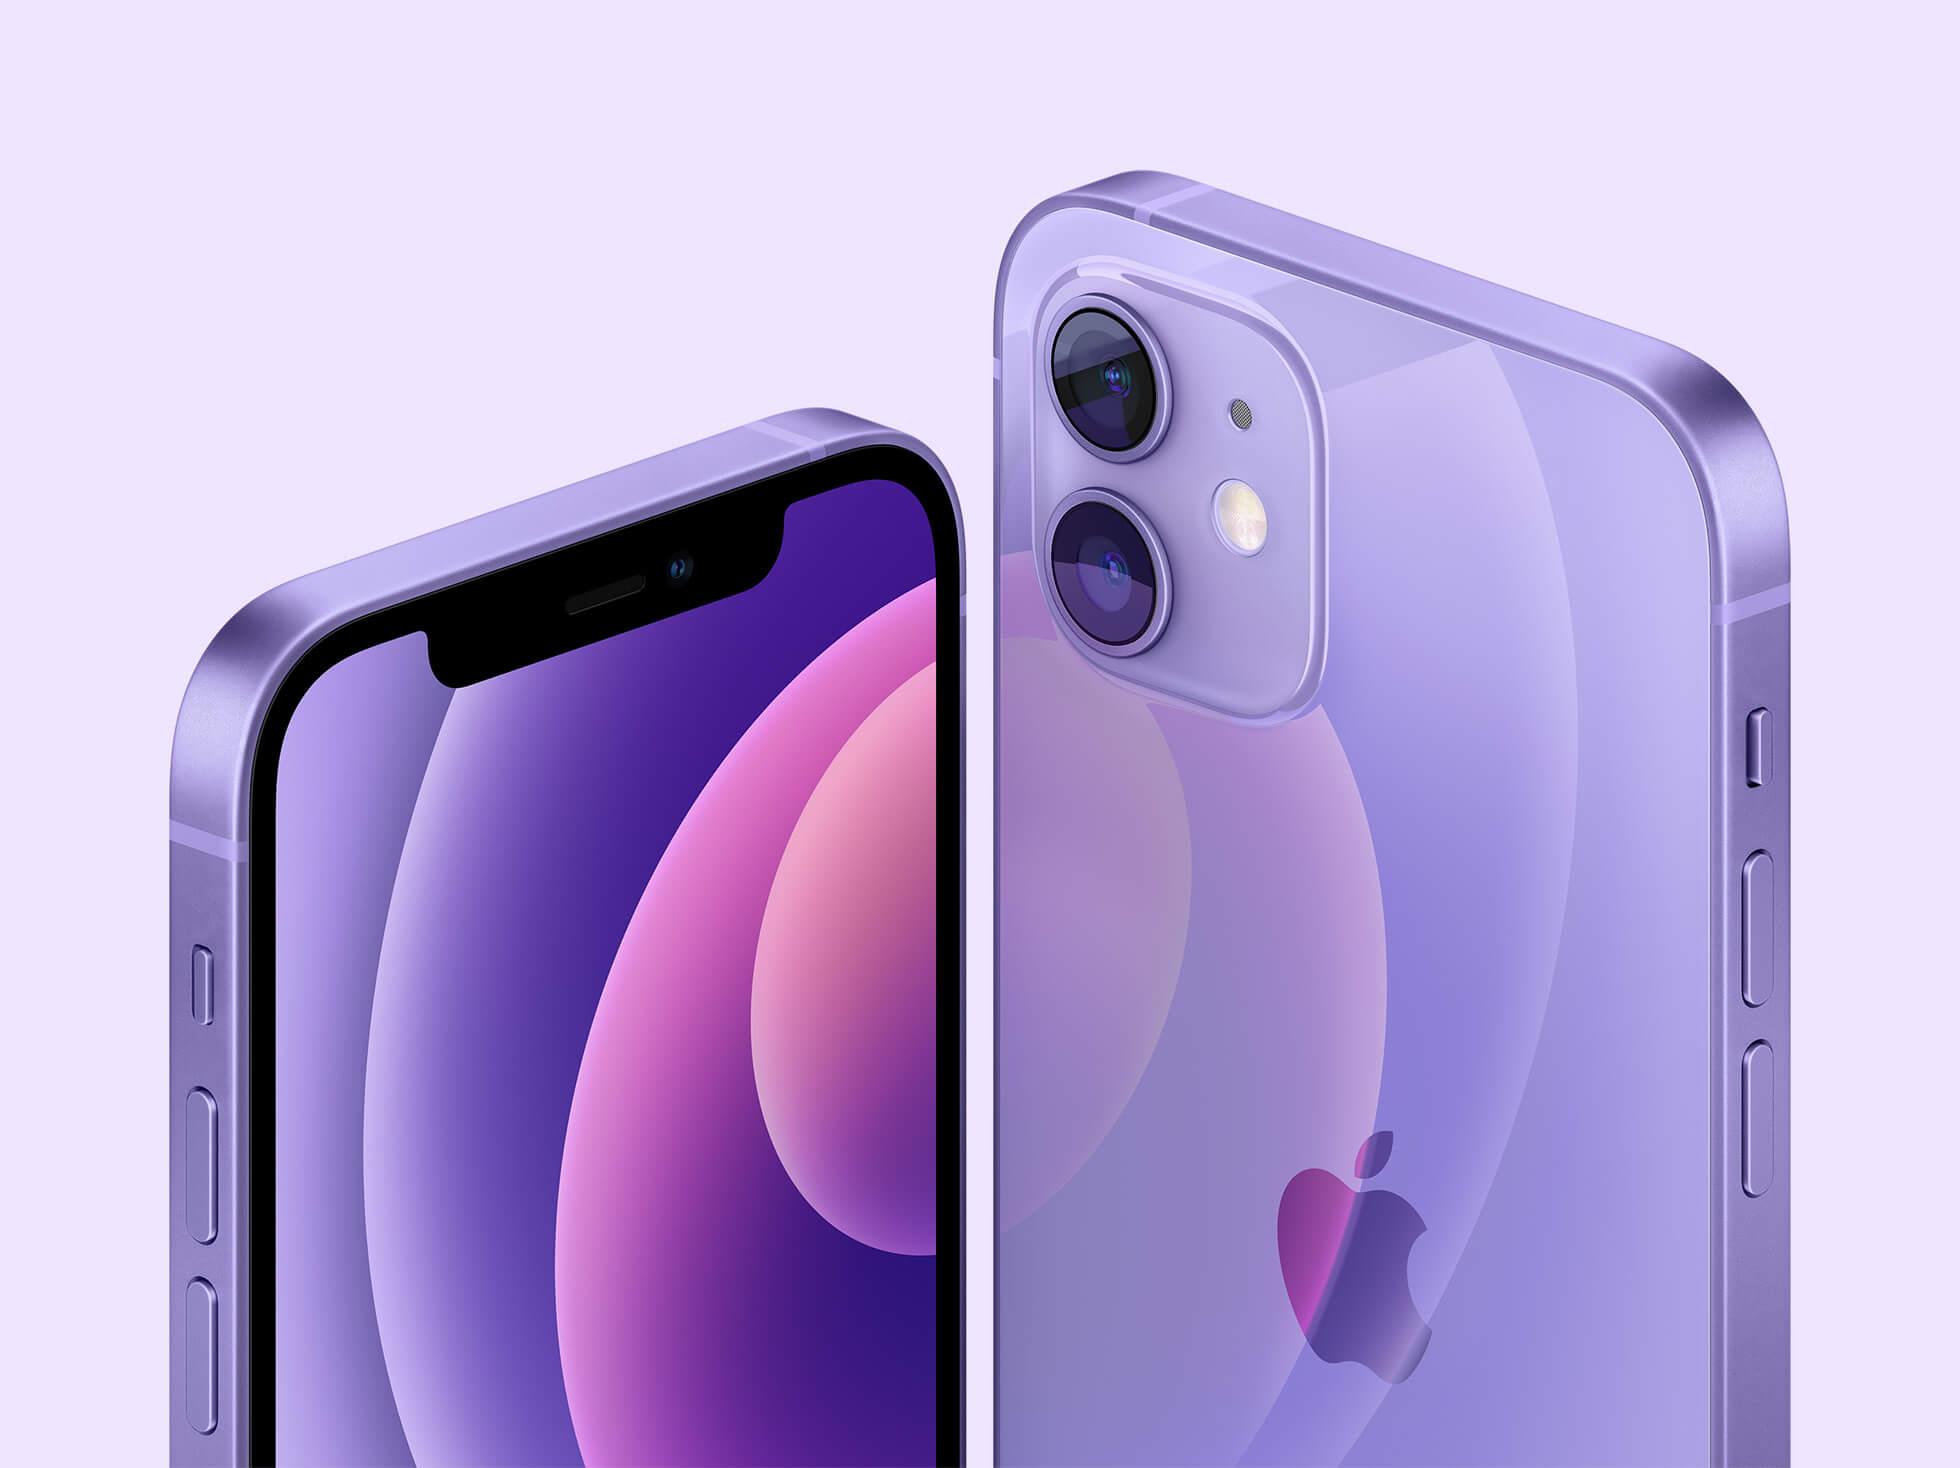 Apple добавила новый цвет для iPhone 12 — только посмотрите на него!